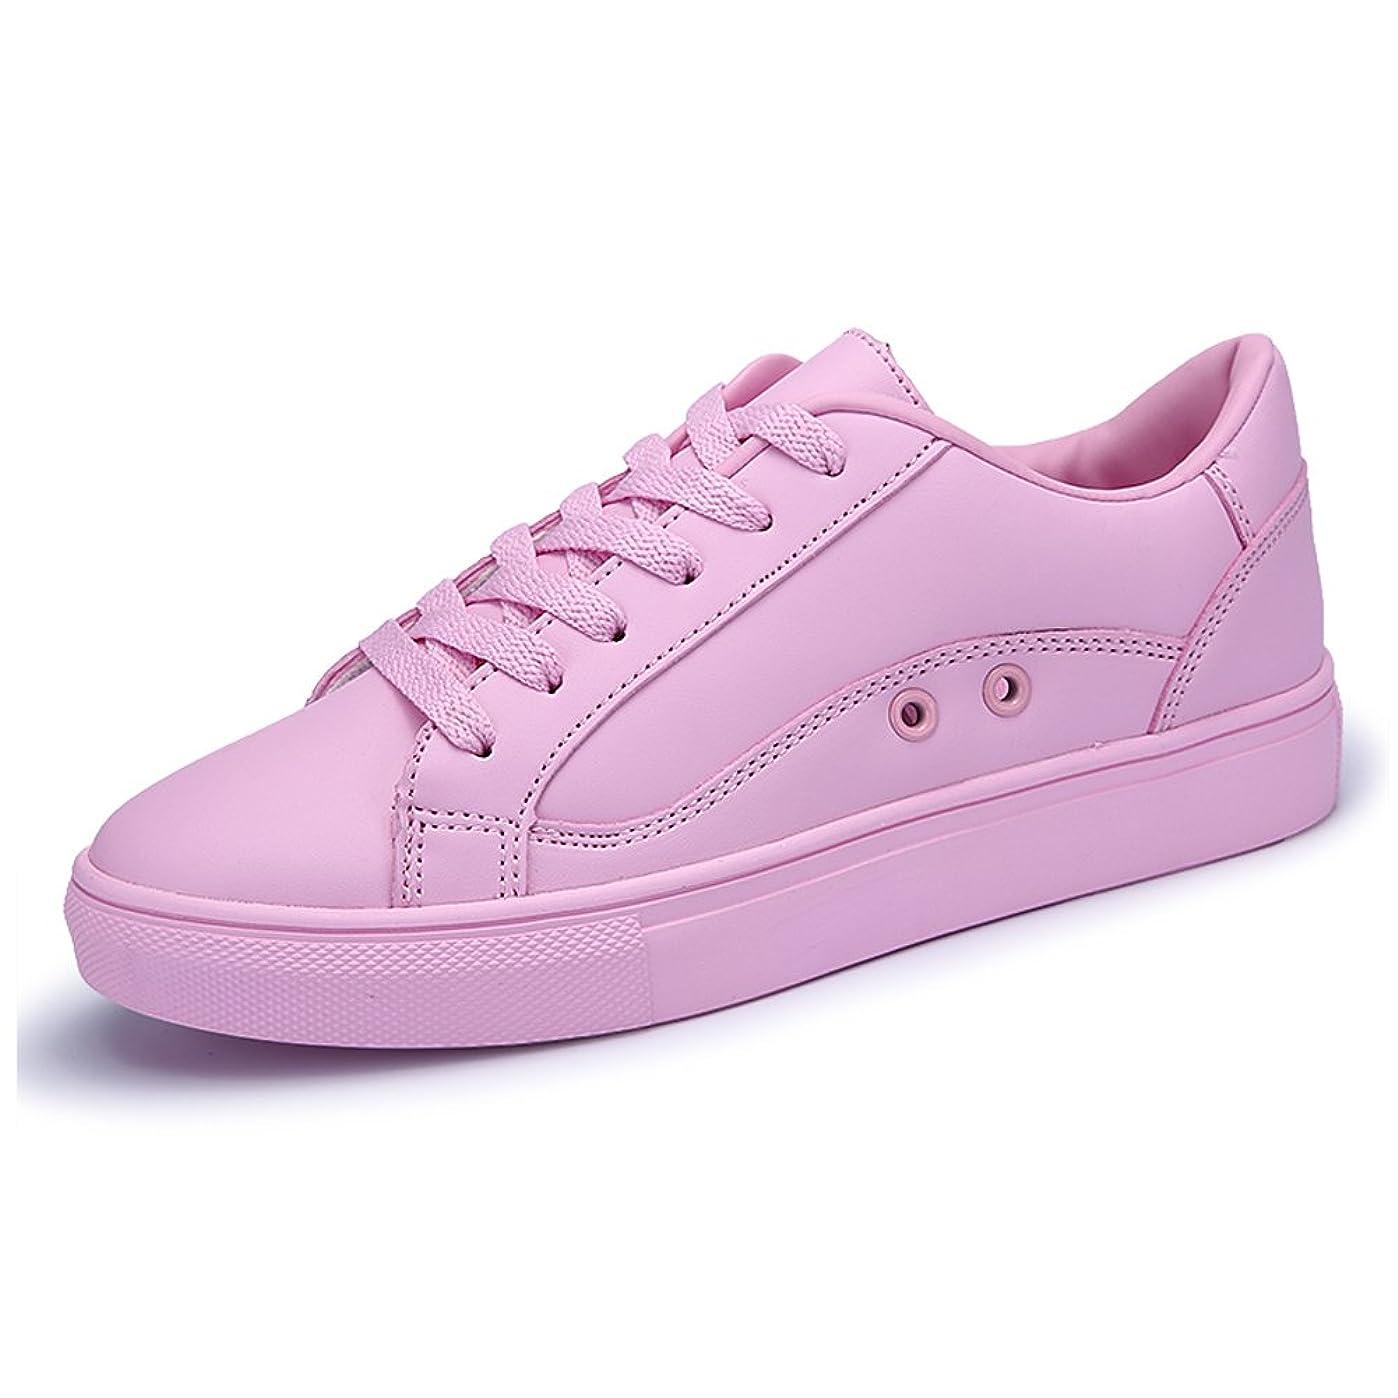 森チーター遠征[ノーブランド品] レディーズ ボードシューズ Ladies Board Shoes カジュアル ソリッドカラー レースアップ 平底 SZXY-829 ピンク 23.5cm [並行輸入品]